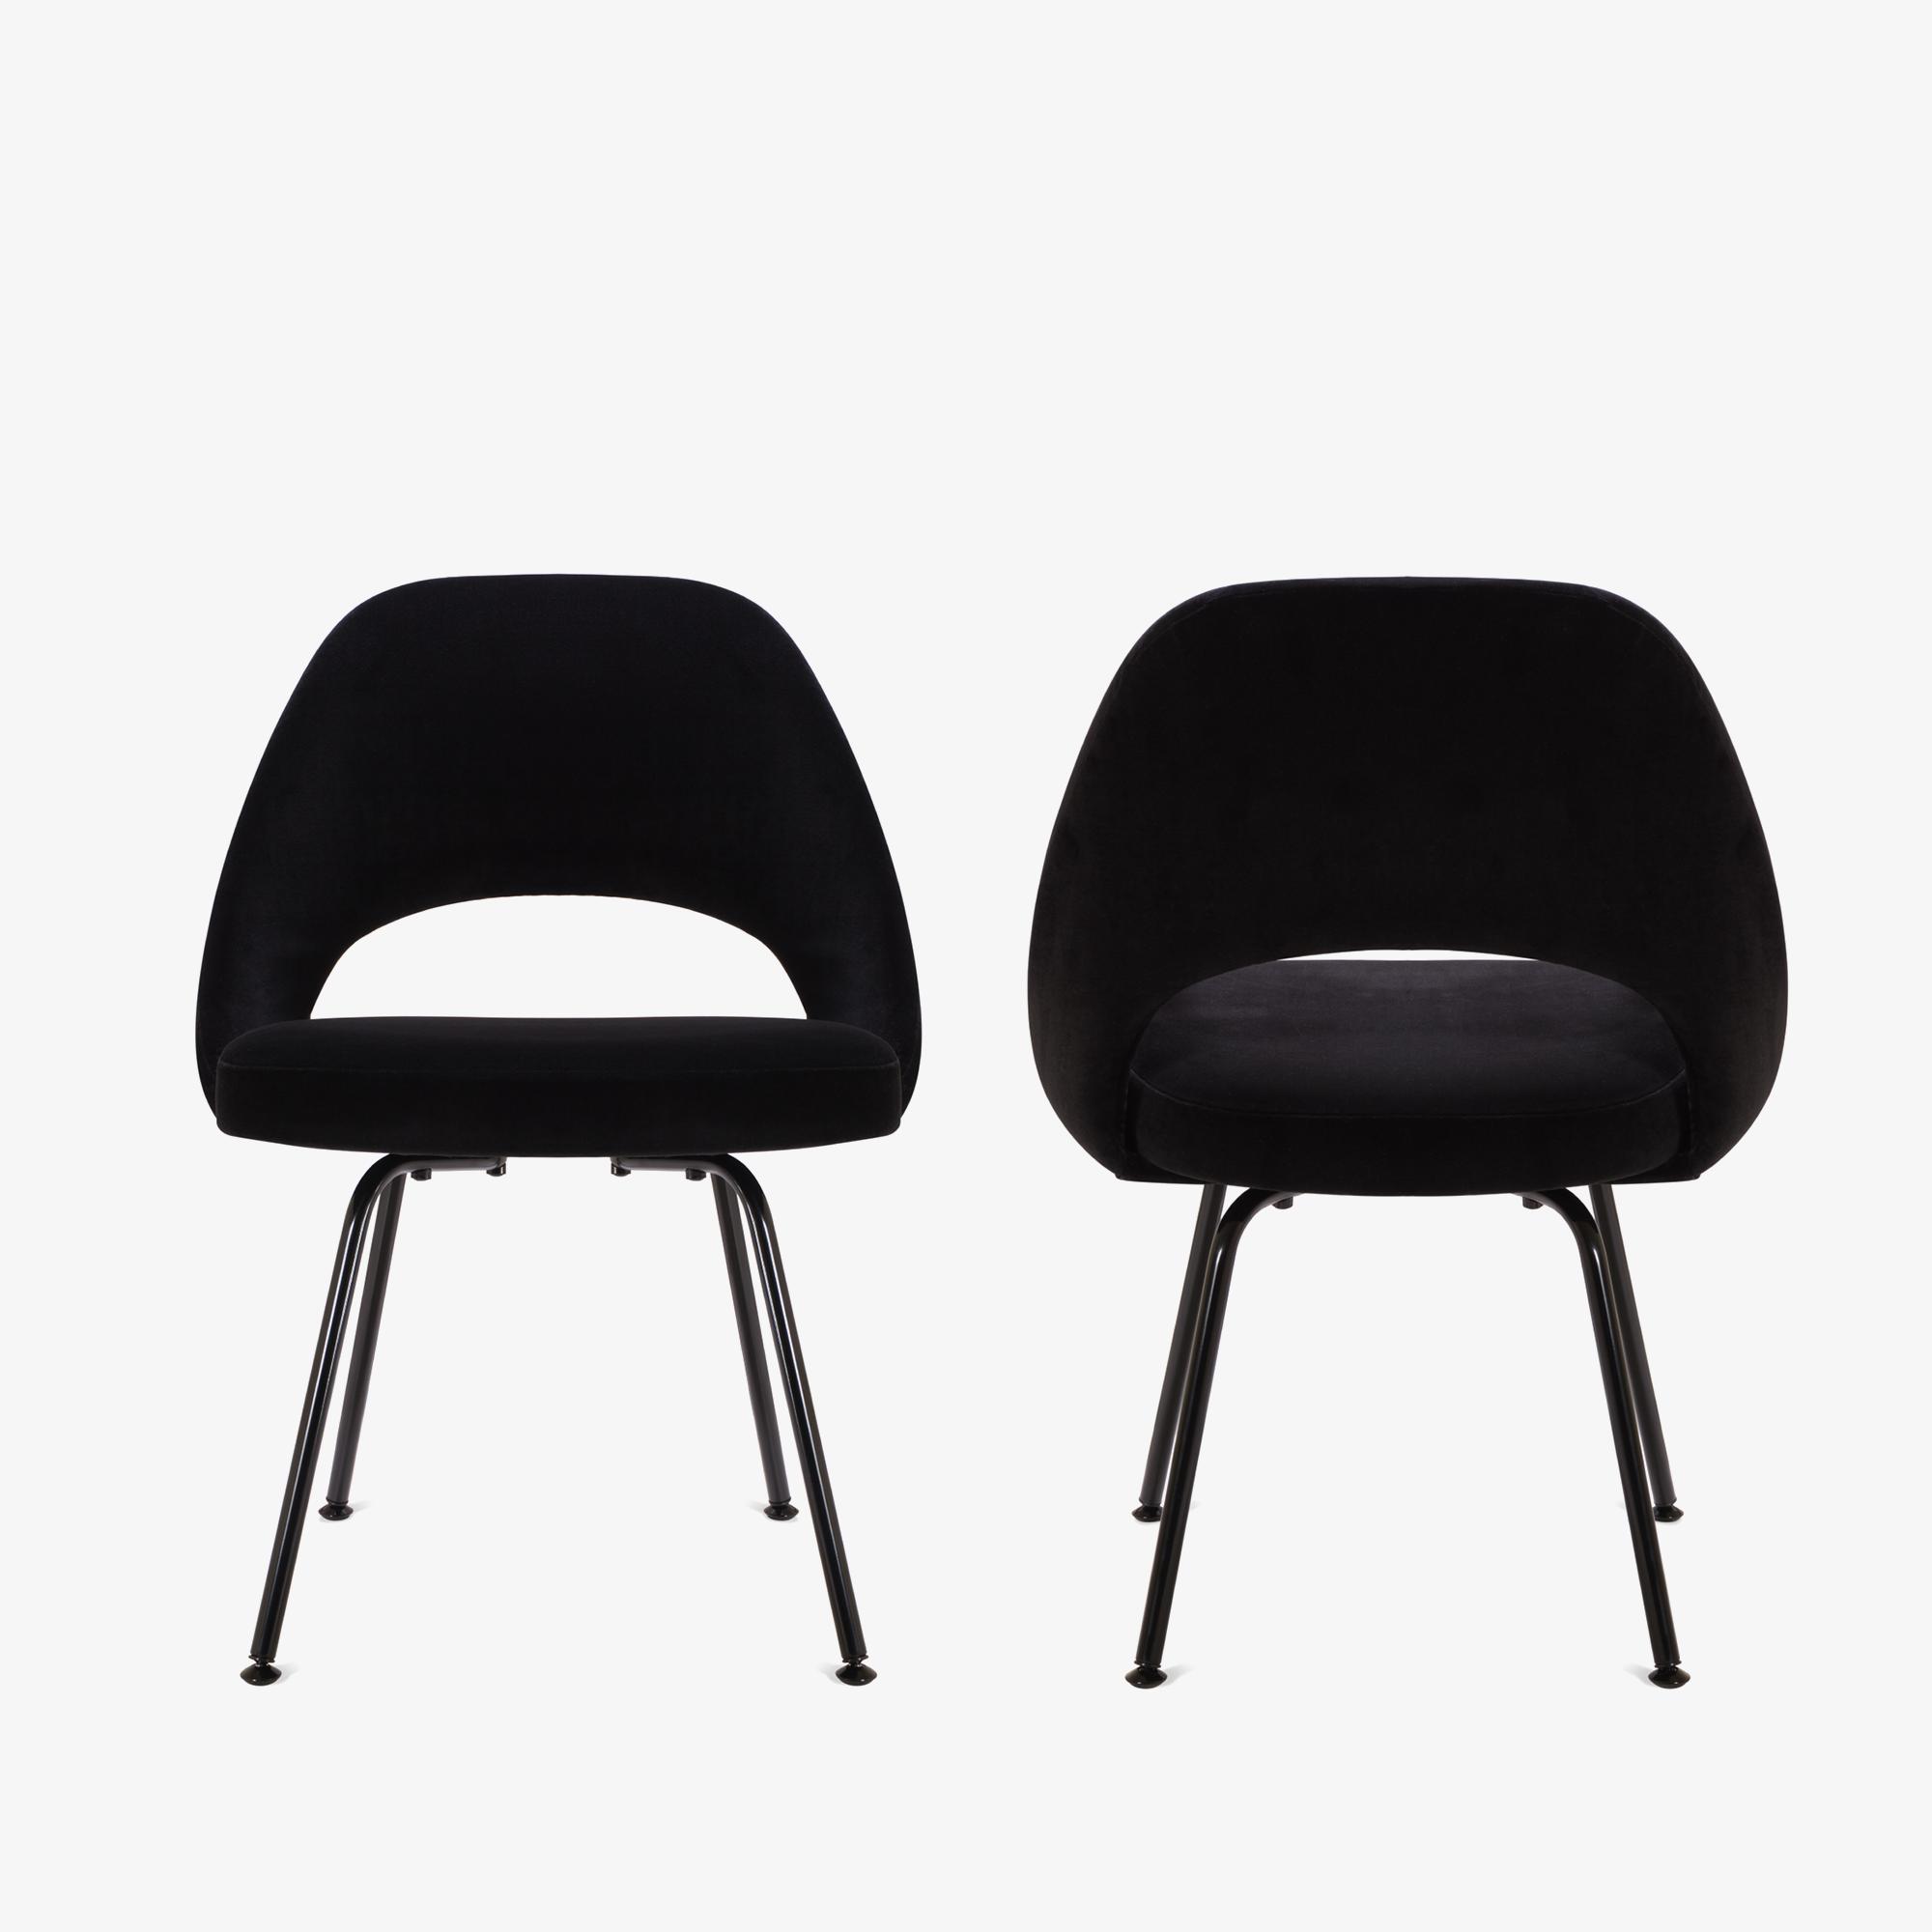 Knoll Saarinen Executive Armless Chair, Black Edition